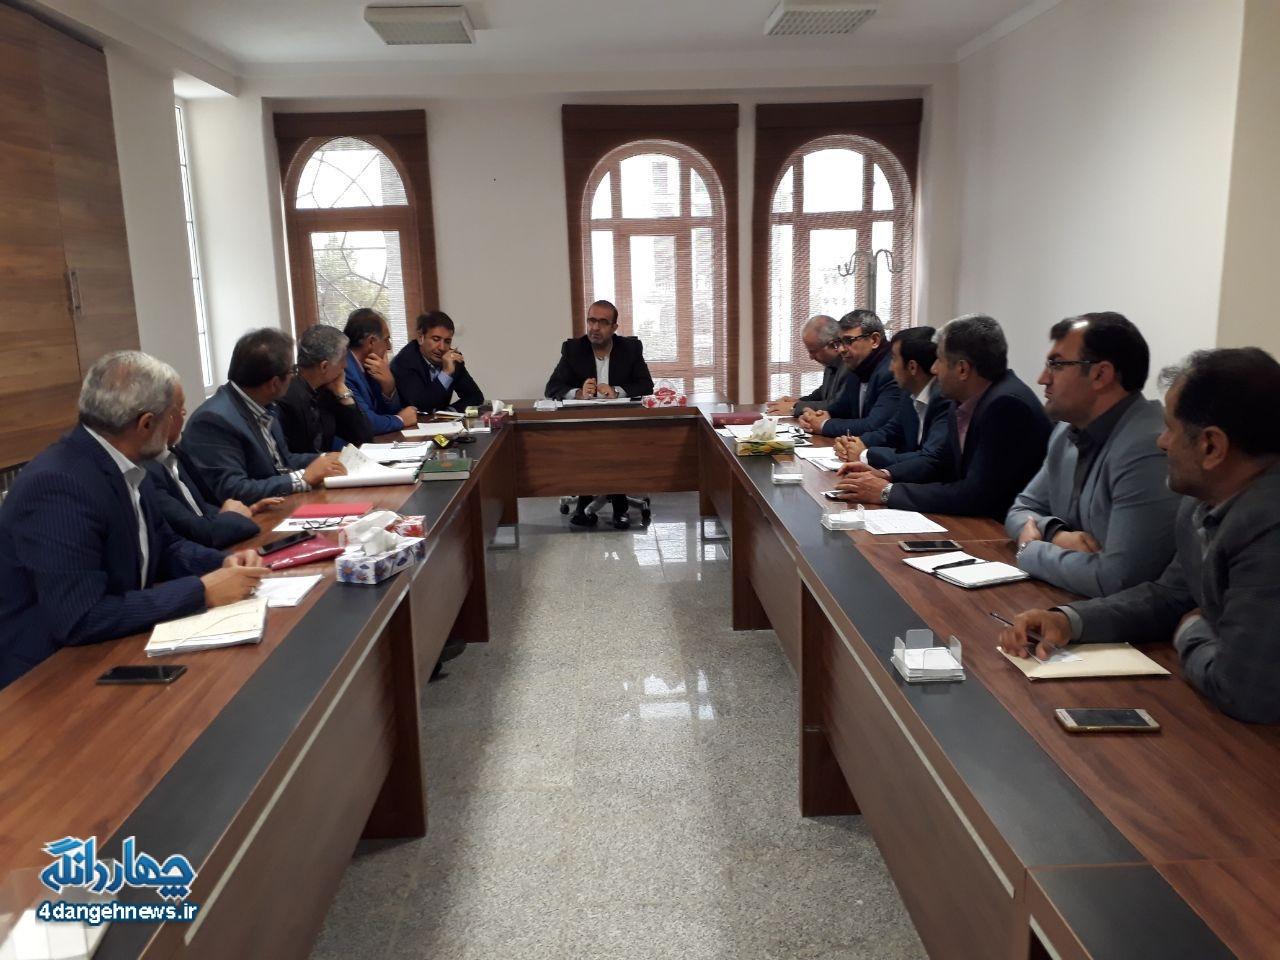 برگزاری جلسه مشکلات آب شرب روستاهای بخش چهاردانگه و شهر کیاسر